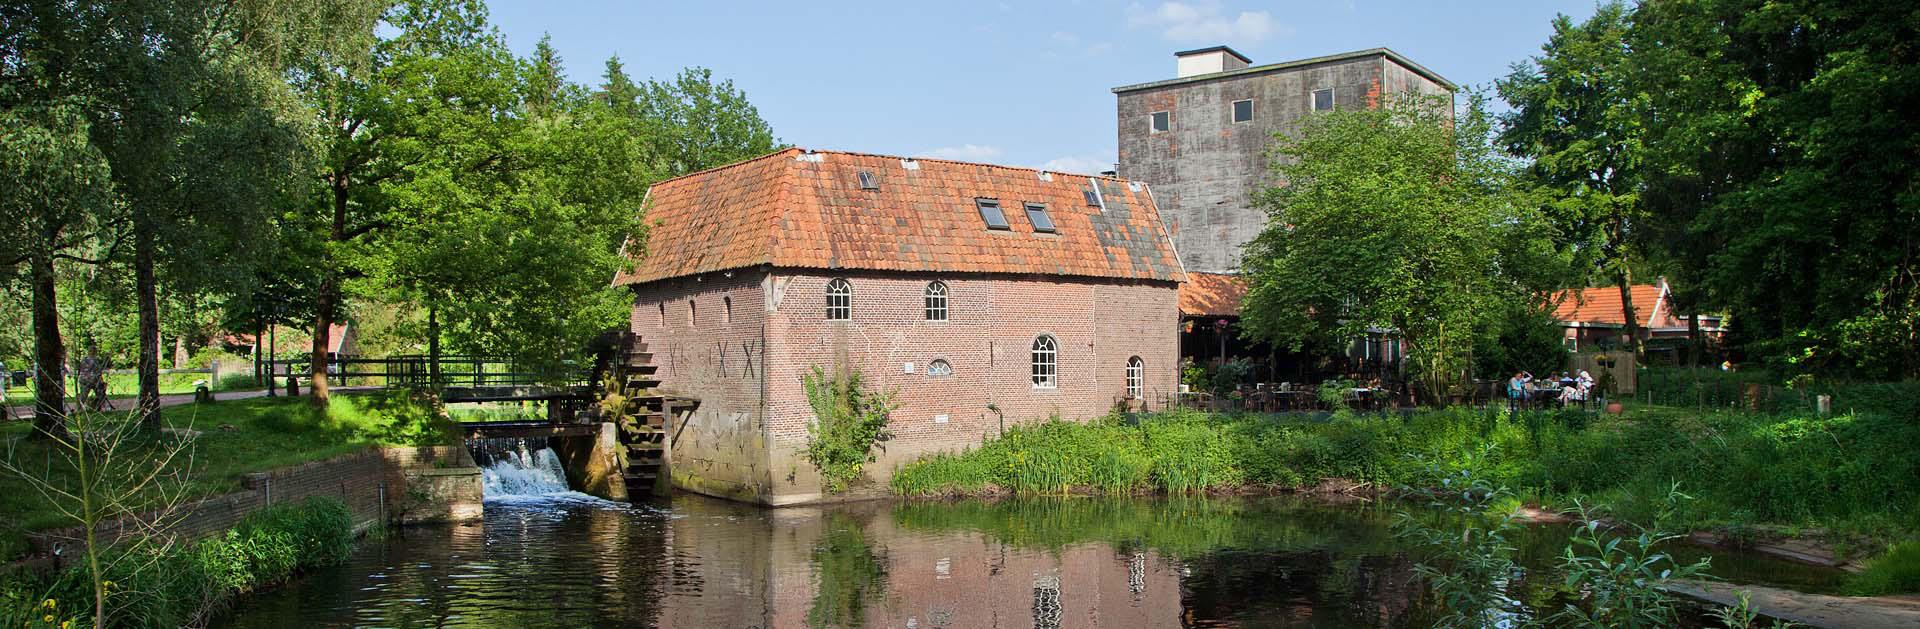 Berenschot 's Watermolen - Winterswijk Woold Regio Achterhoek - Liemers